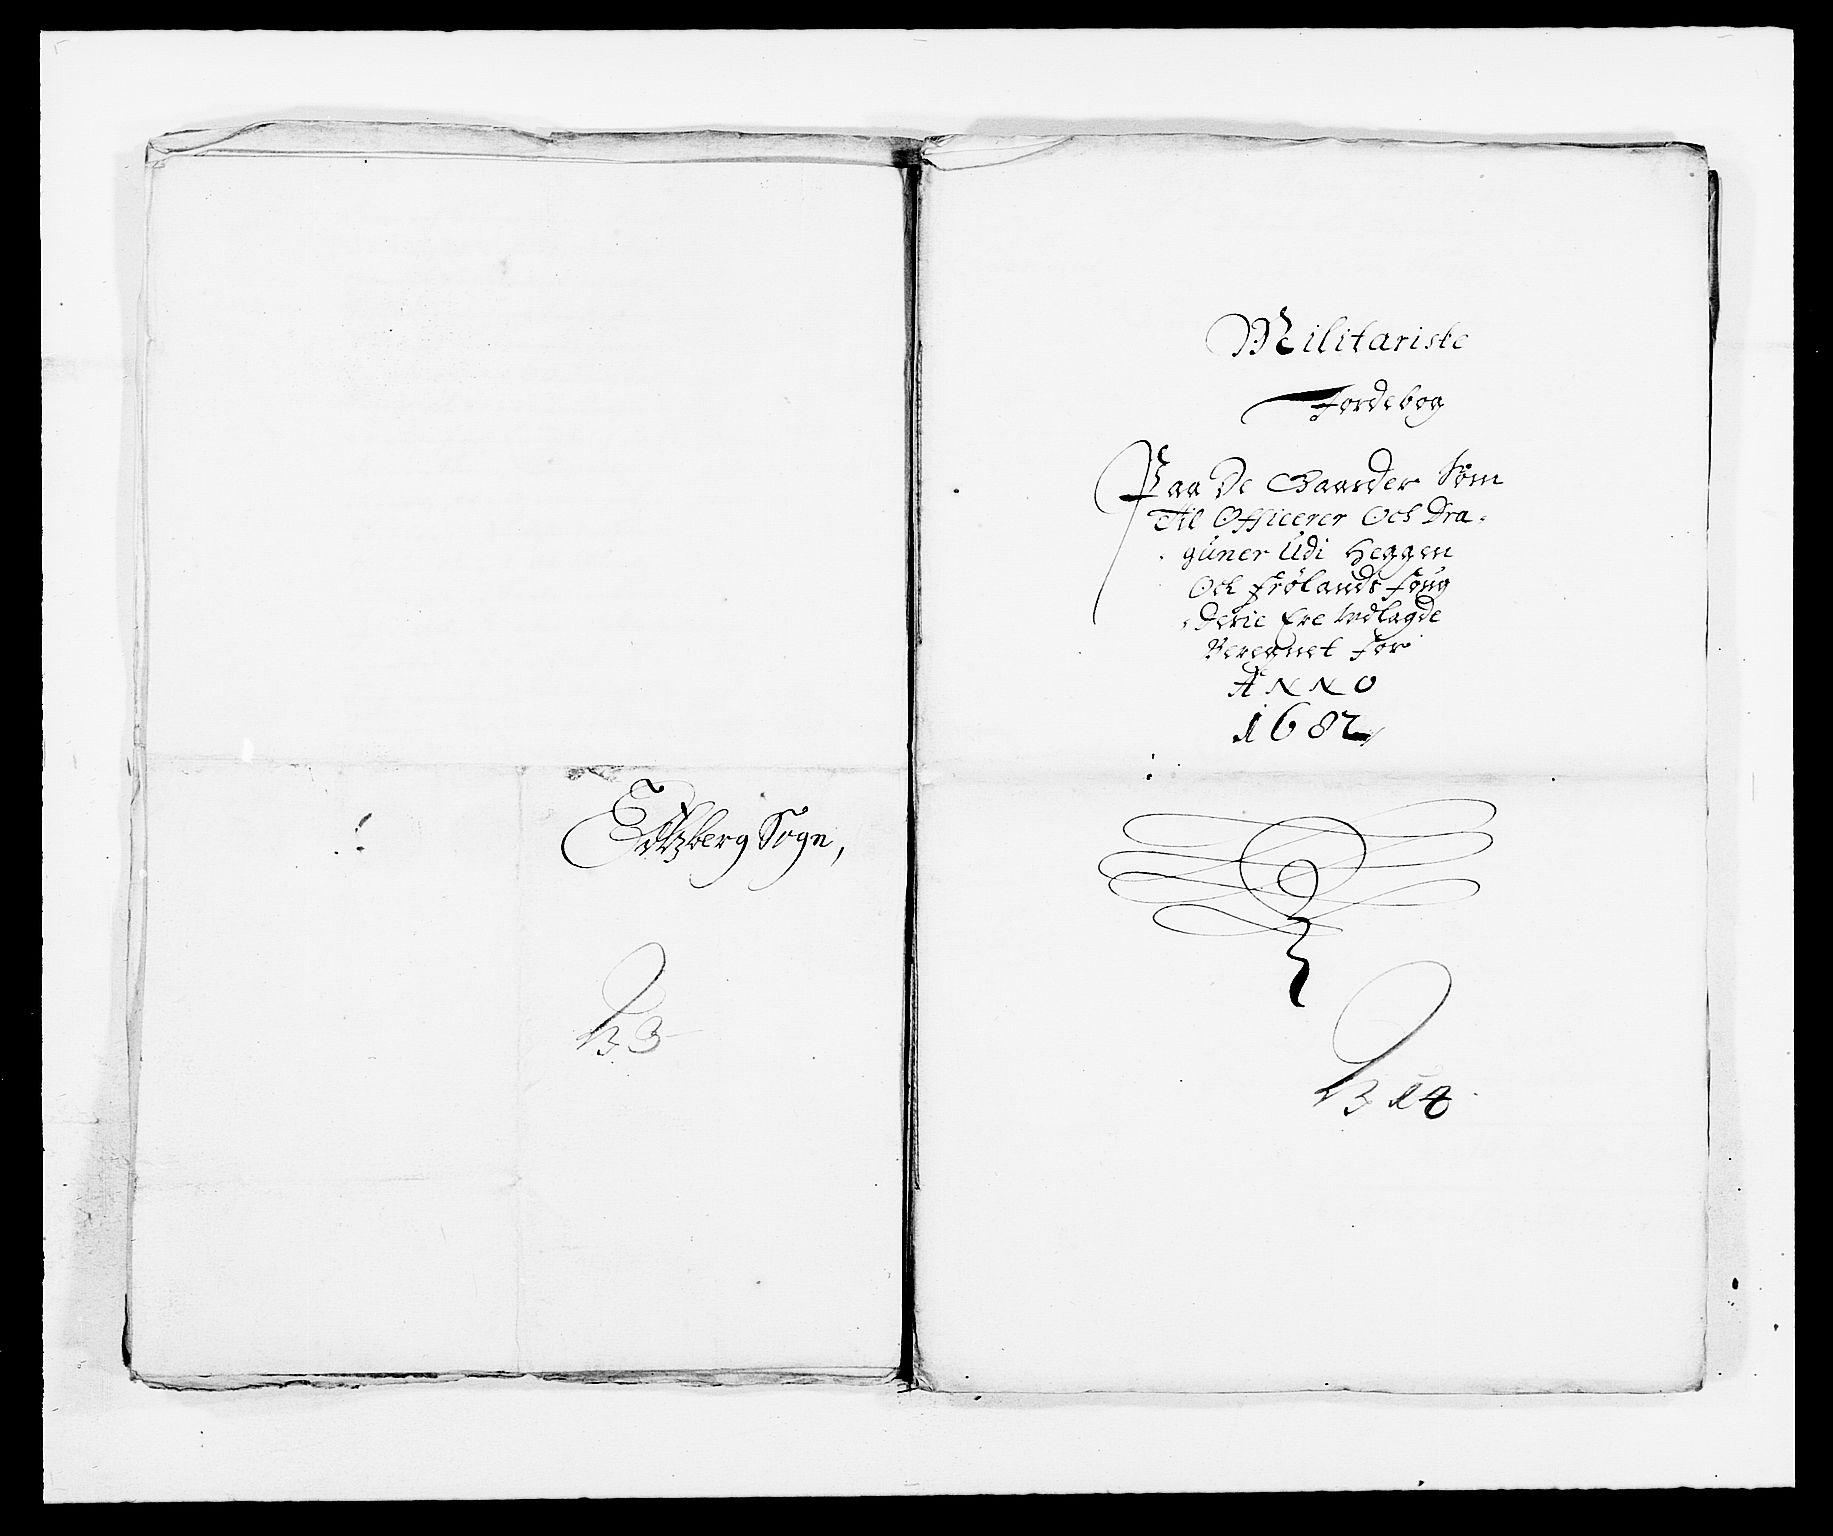 RA, Rentekammeret inntil 1814, Reviderte regnskaper, Fogderegnskap, R06/L0281: Fogderegnskap Heggen og Frøland, 1678-1686, s. 194